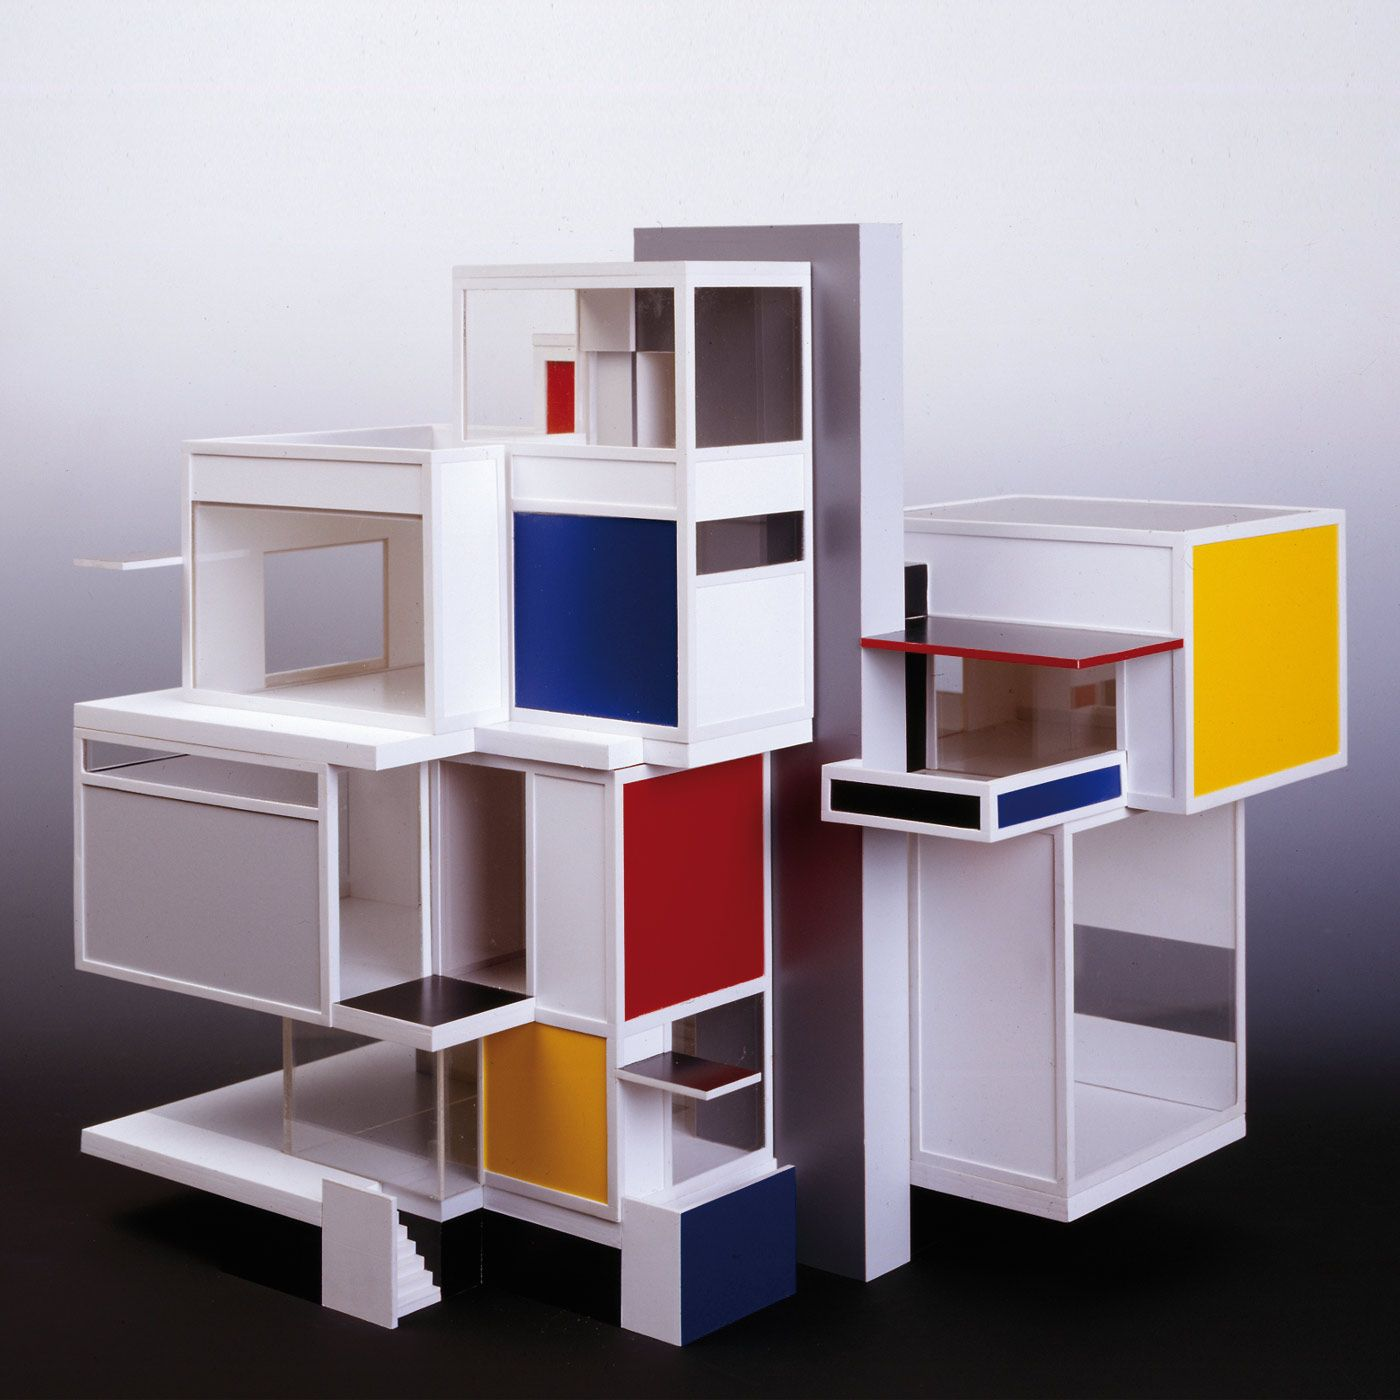 De stijl movement arch inspiration pinterest de for De stijl architettura